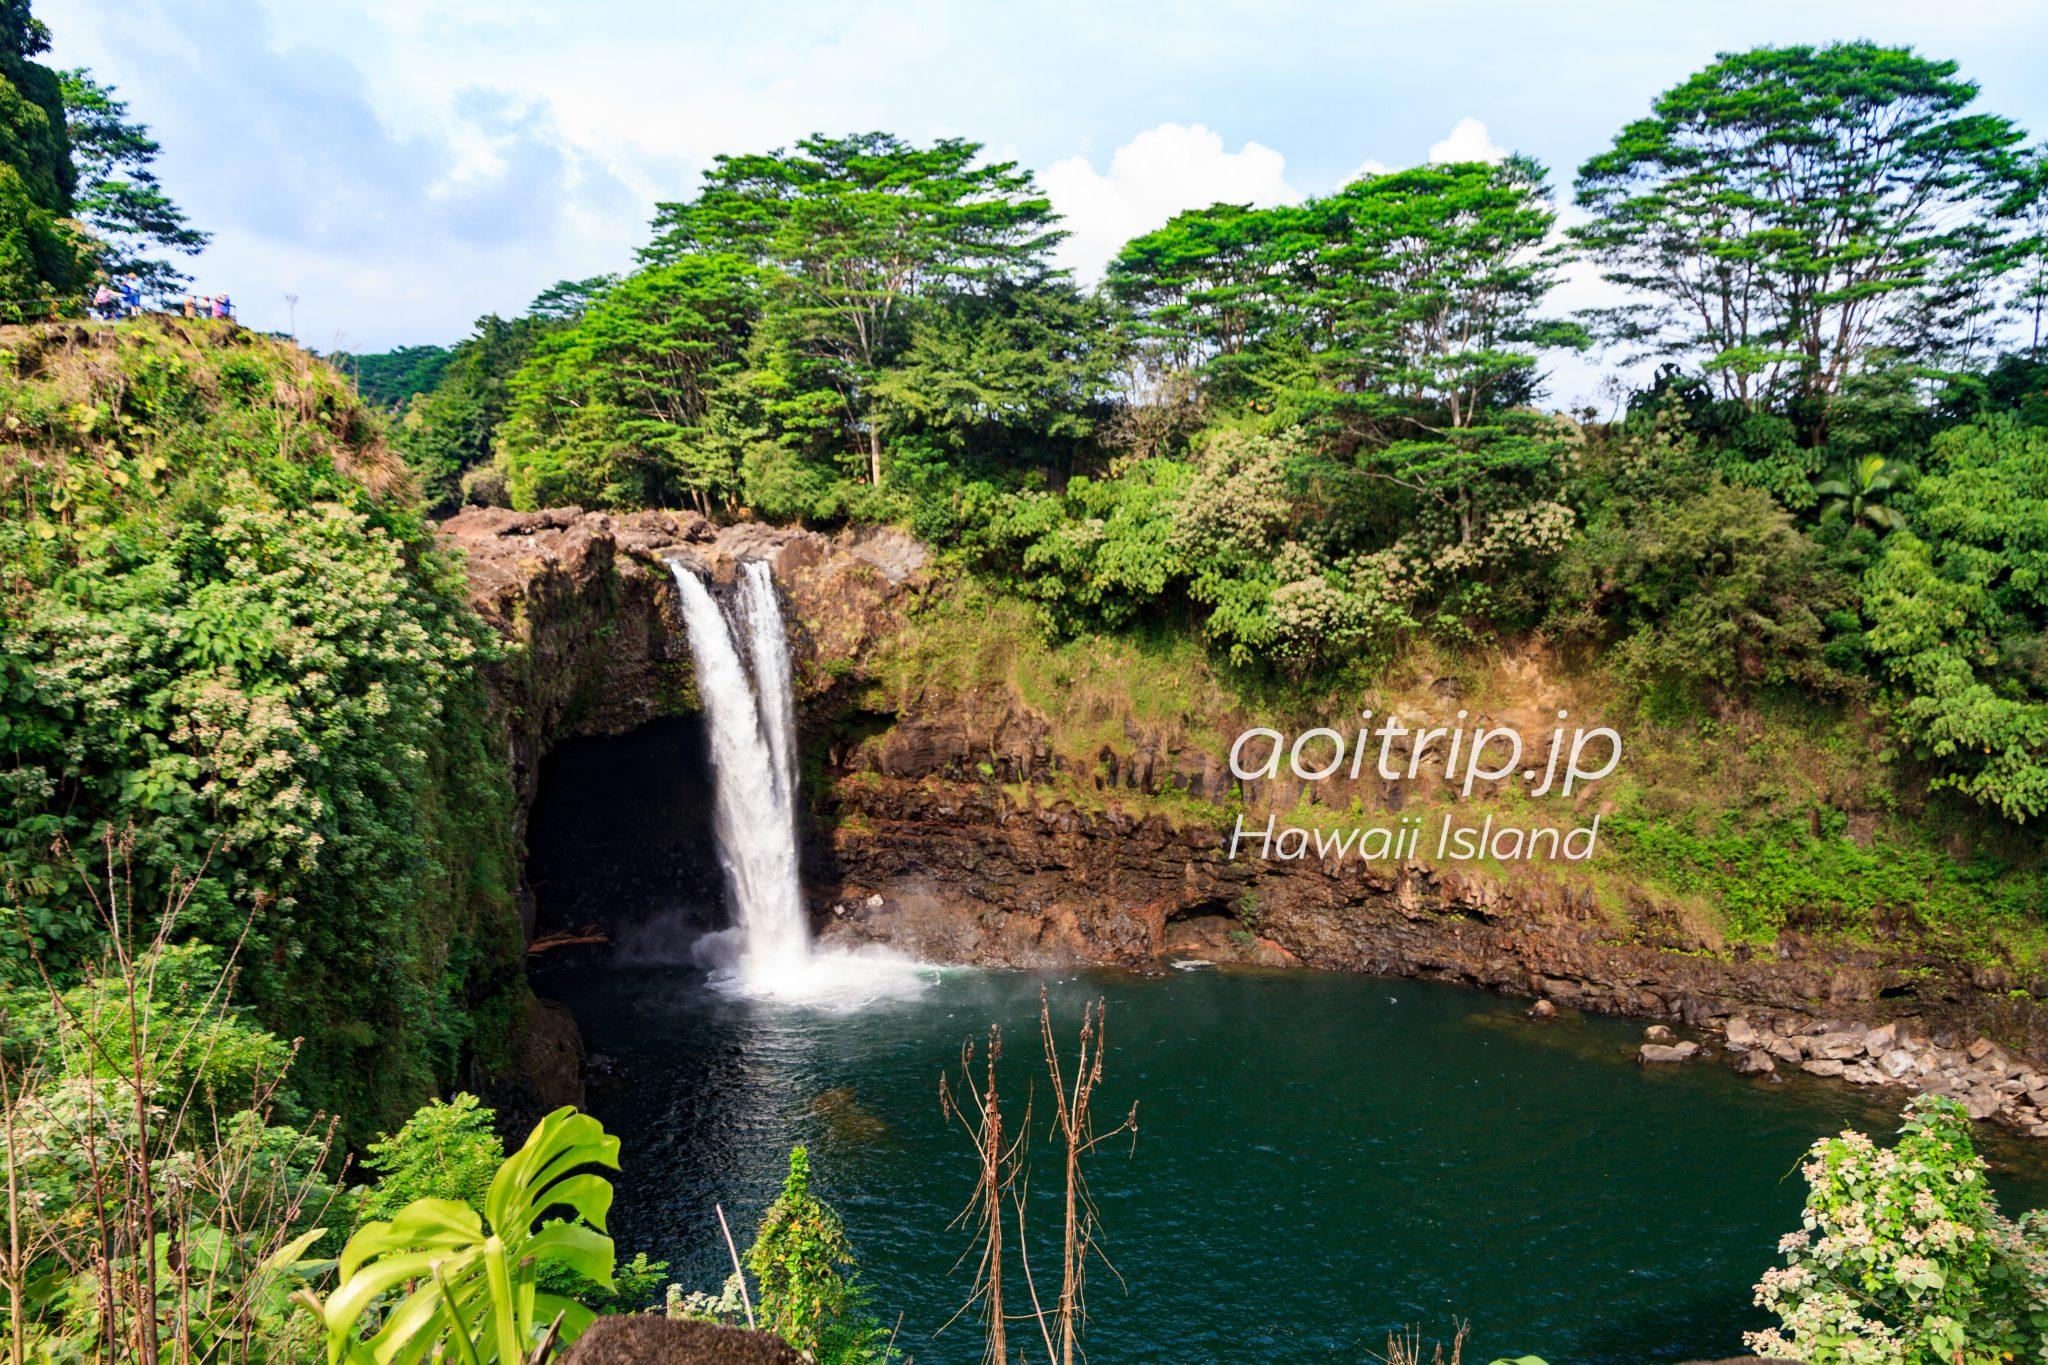 ハワイ島 レインボー滝